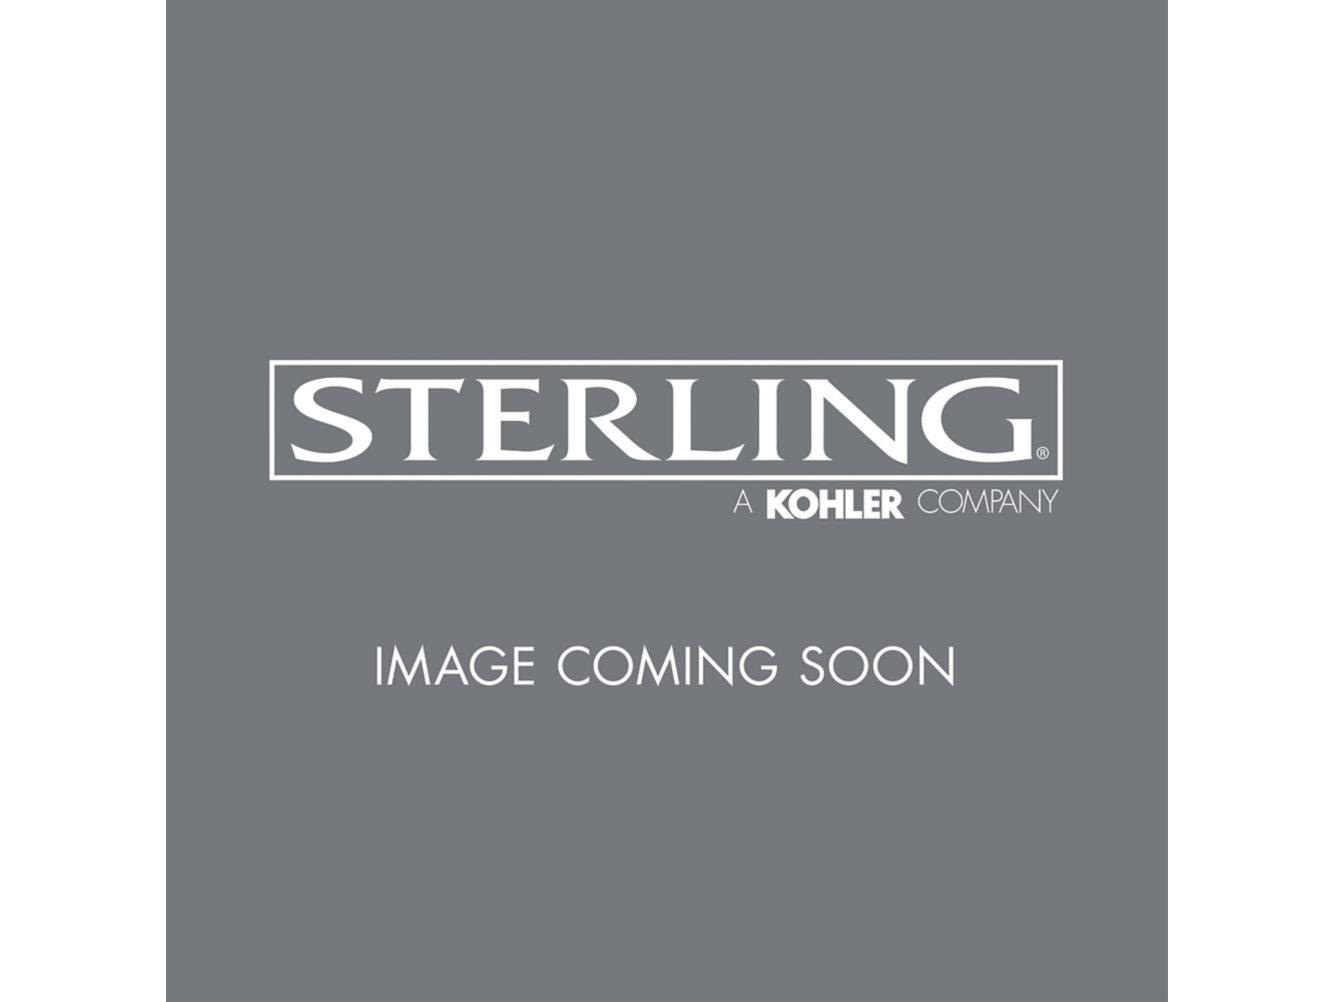 Curved Grab Bar | 80012222-V | STERLING